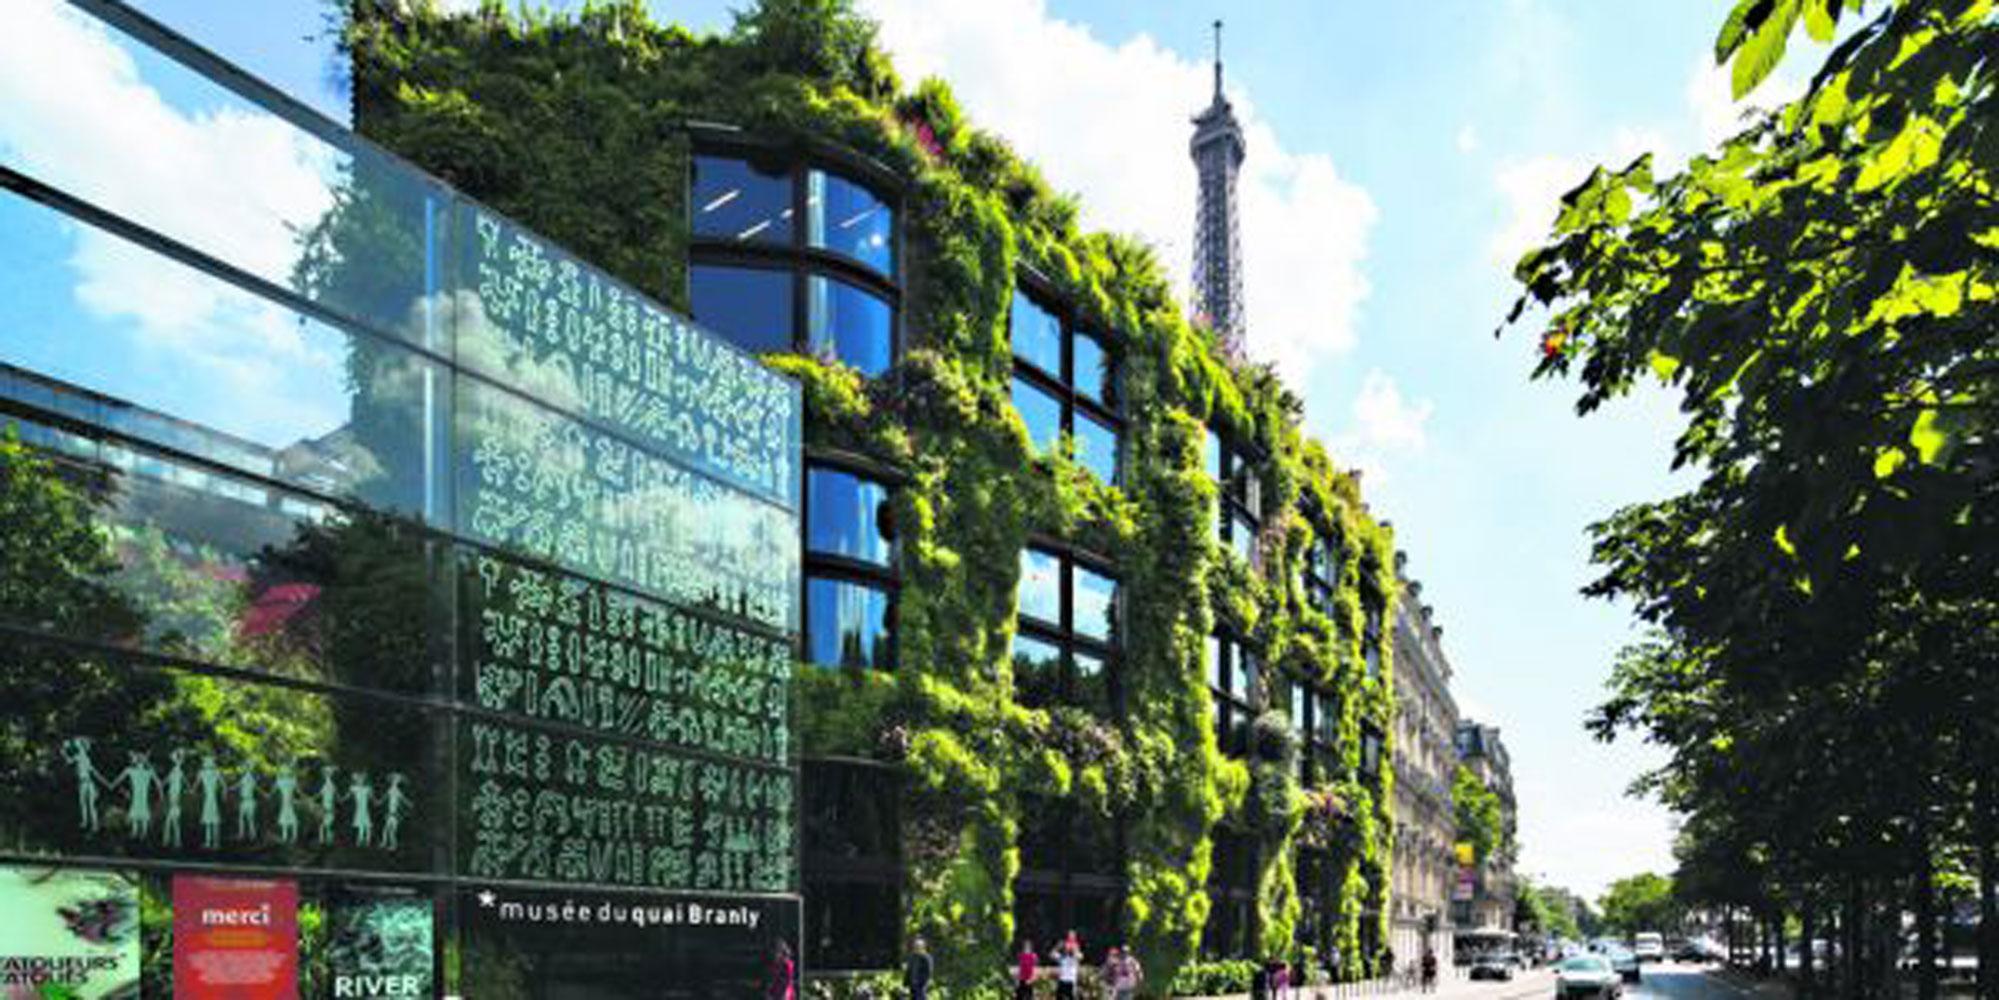 Musée du Quai Branly : et si vous parrainiez un pan de jardin vertical?